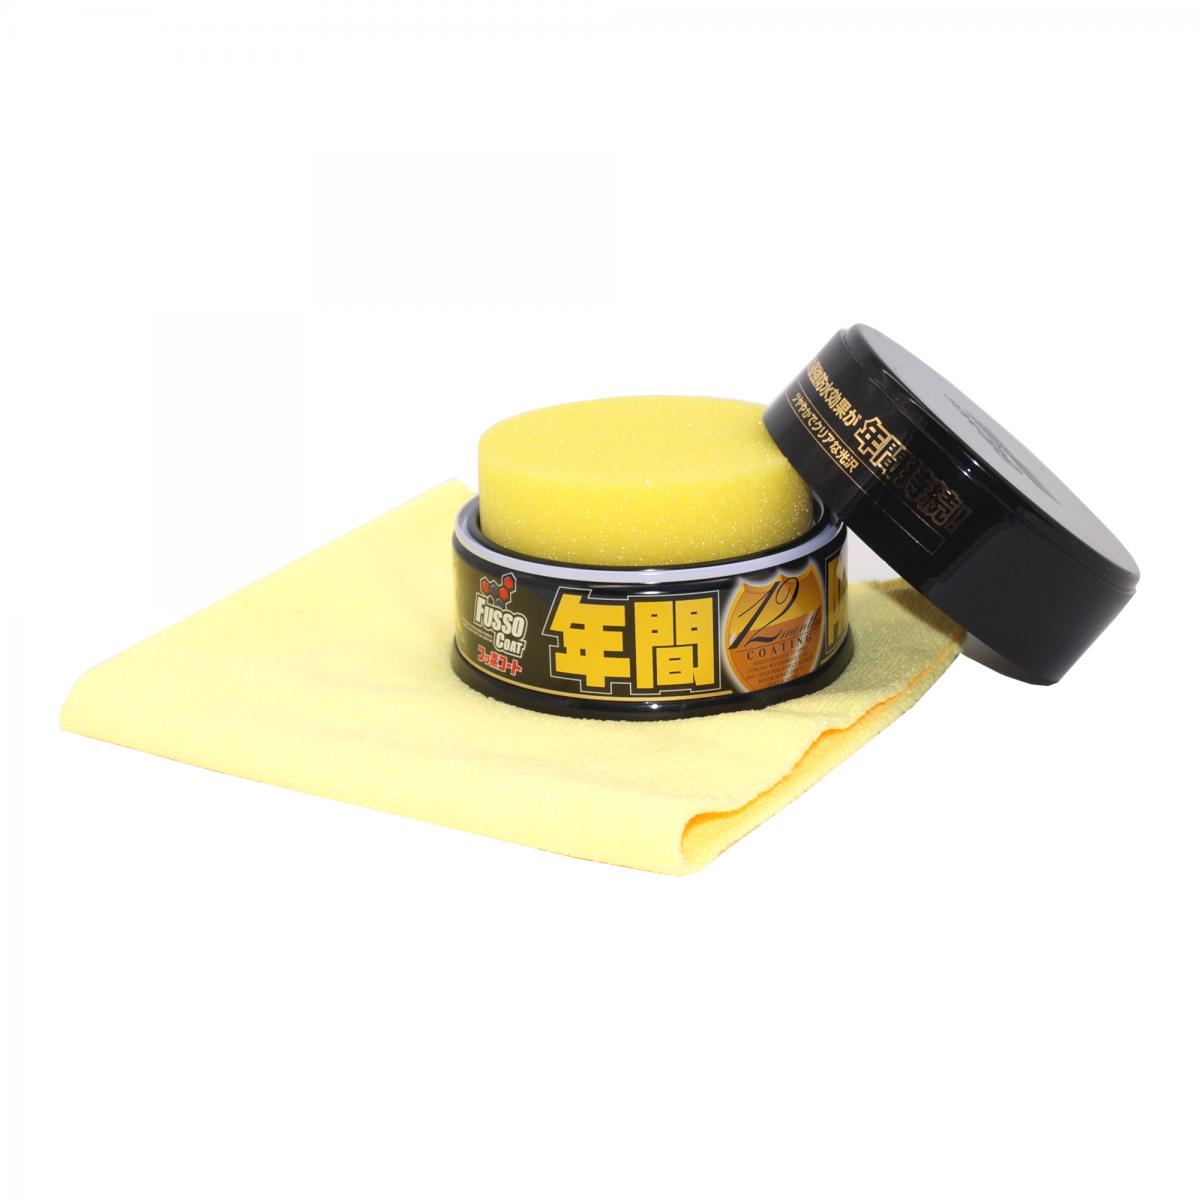 Autowachs Set: Soft99 Fusso Coat 12M Wax Dark und The Rag Company Edgeless 300 Mikrofasertuch